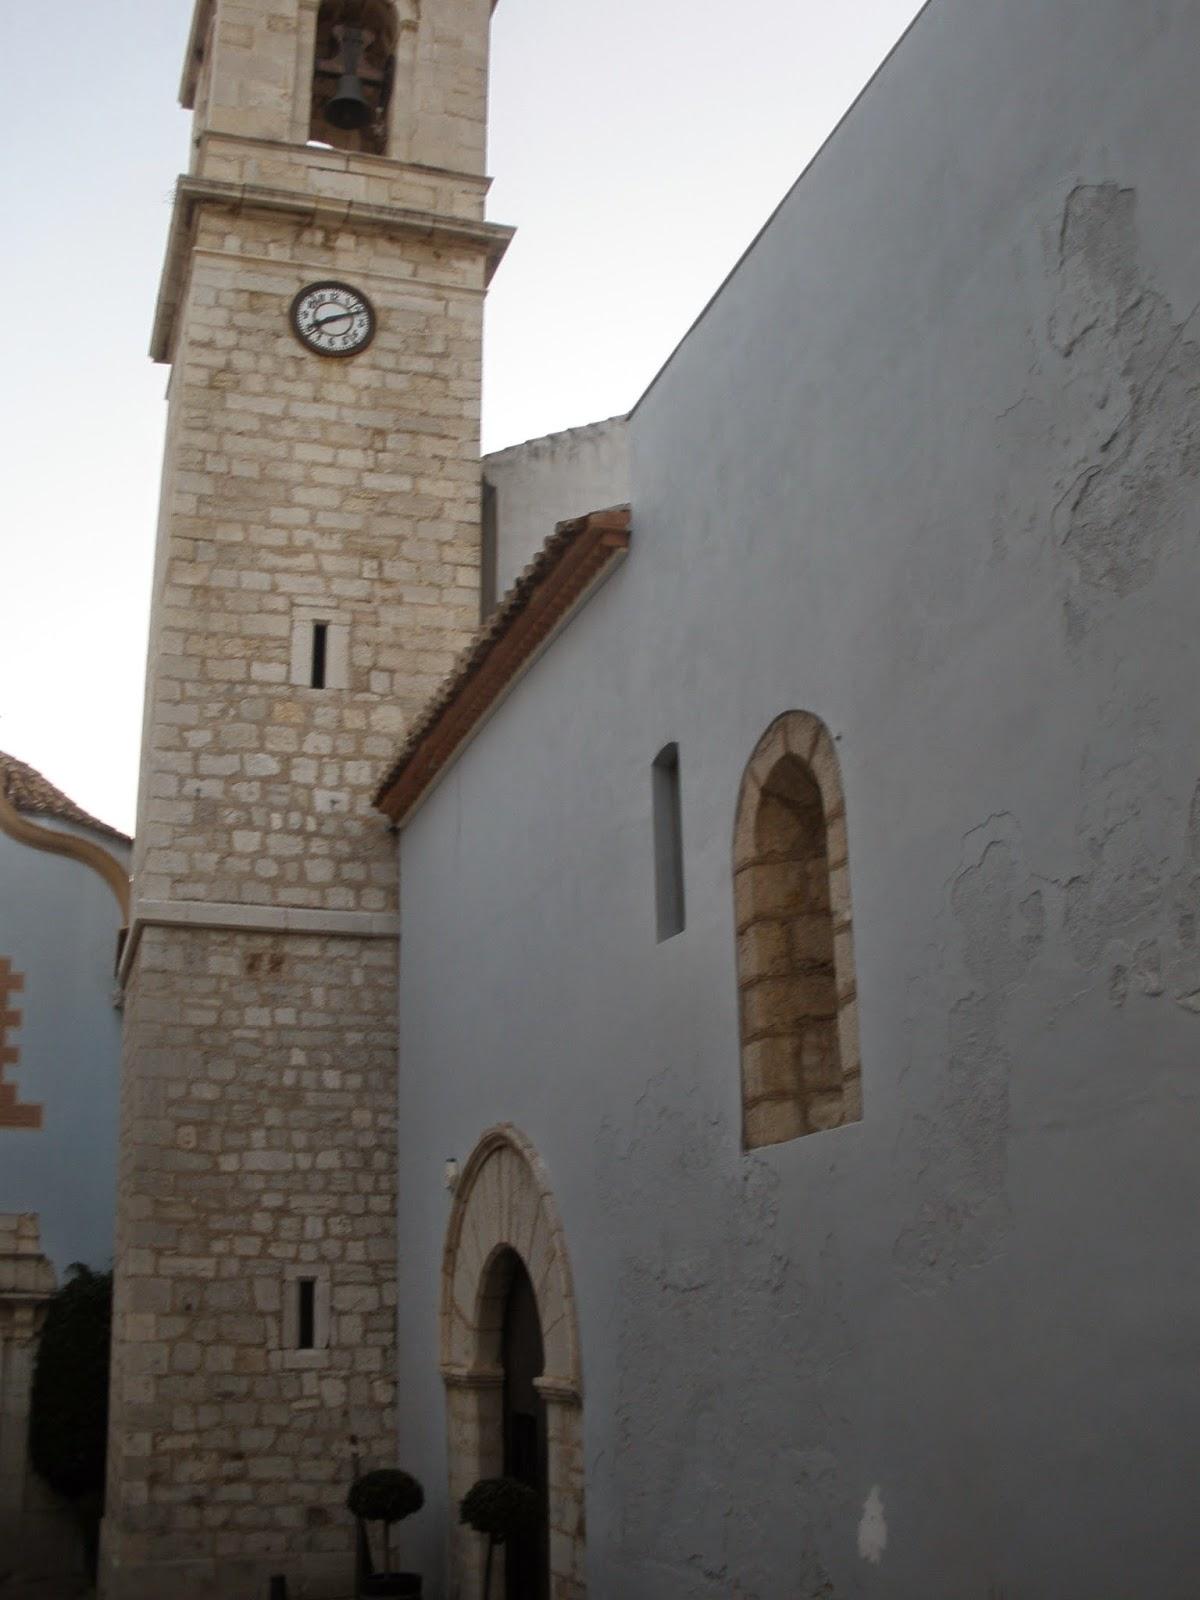 Iglesia de Santa María, posee un alto torreón con un reloj,